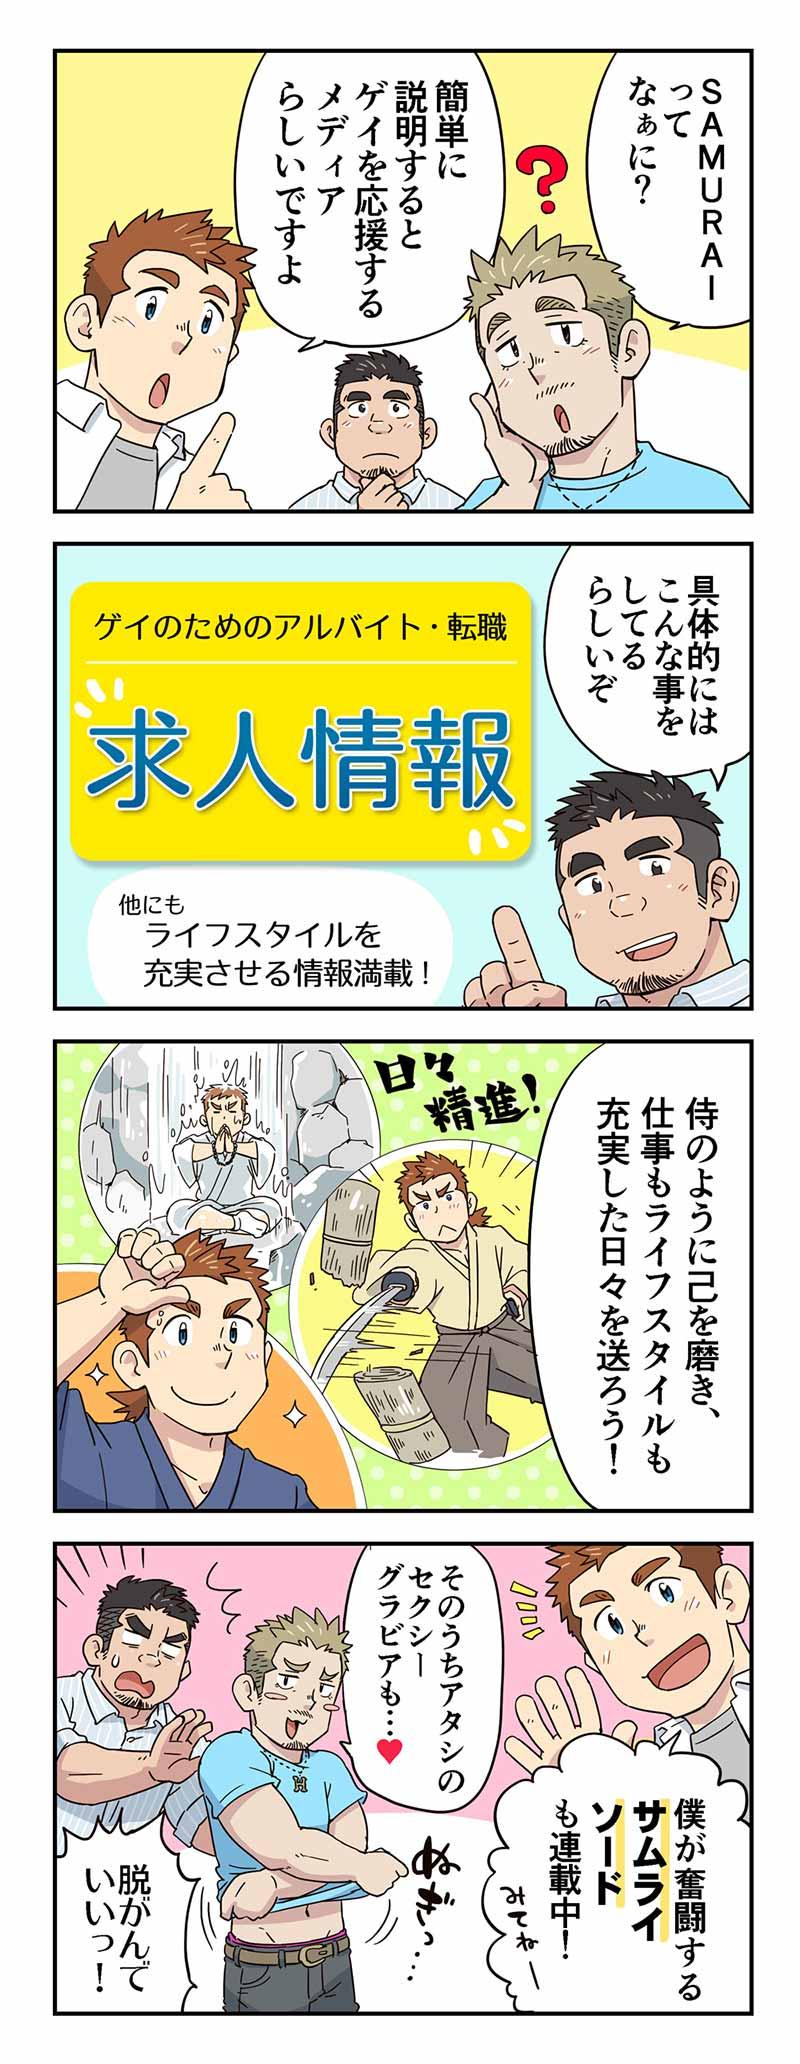 SAMURAI四コマ